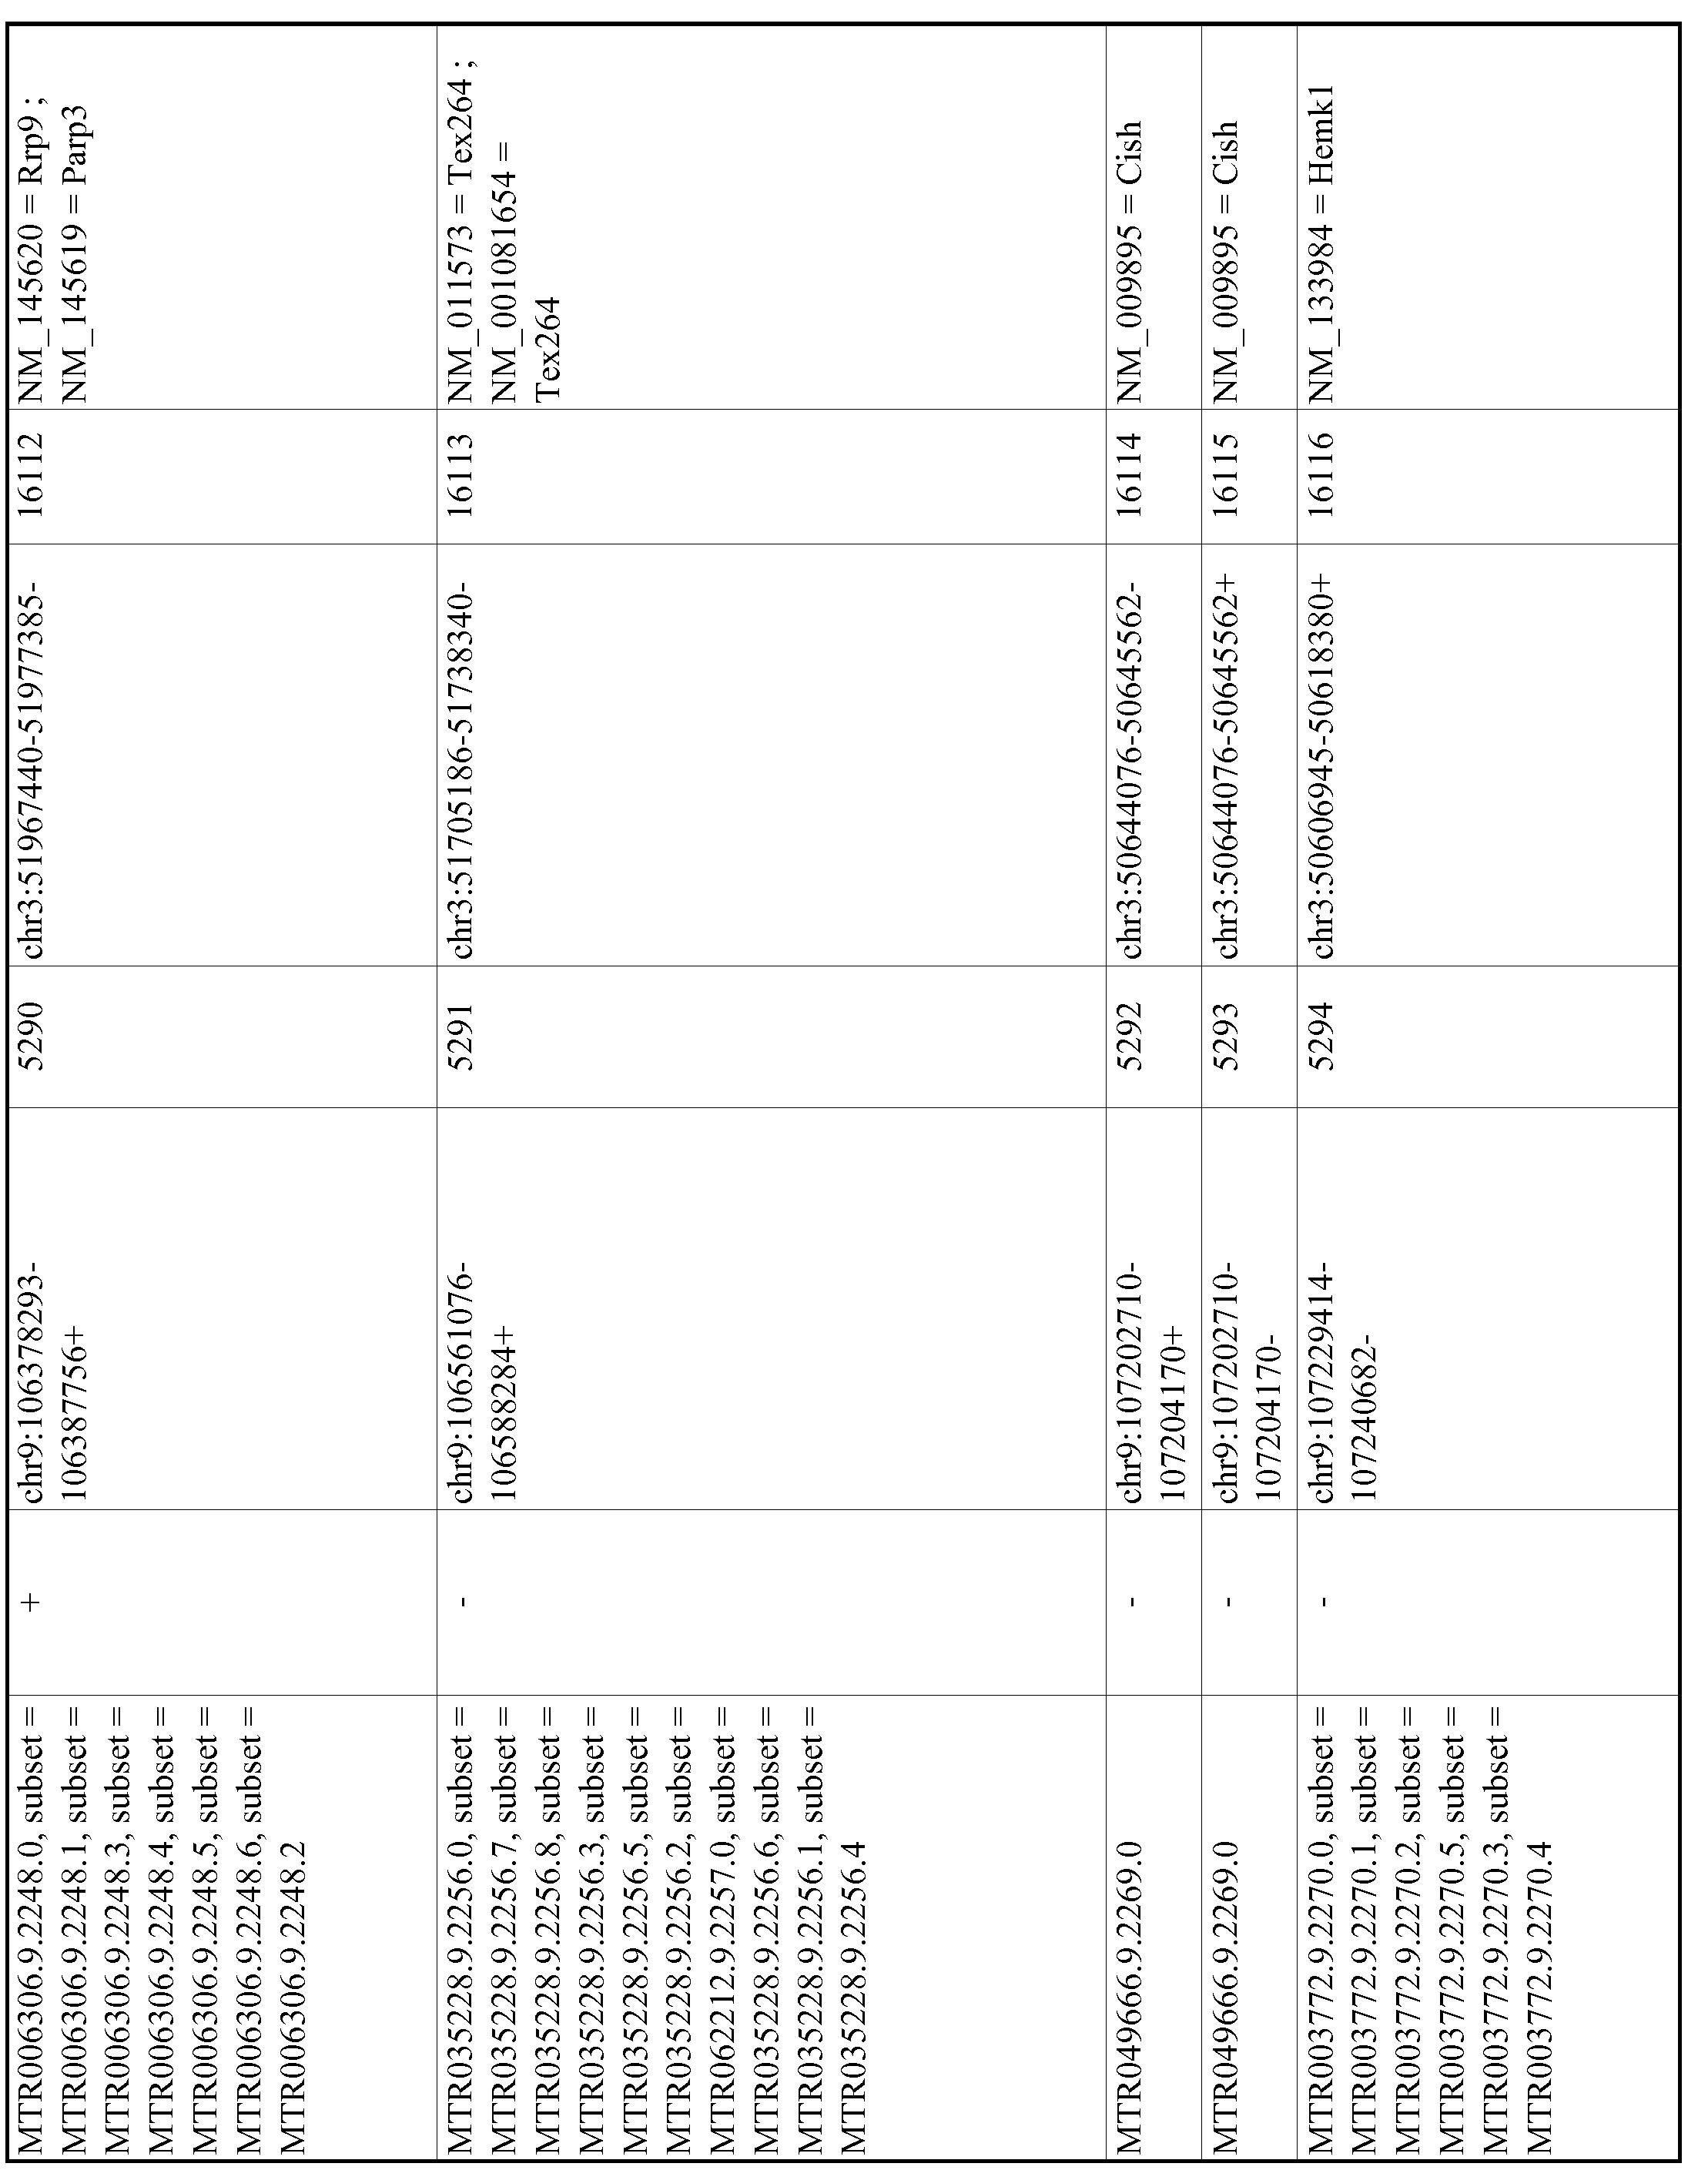 Figure imgf000956_0001